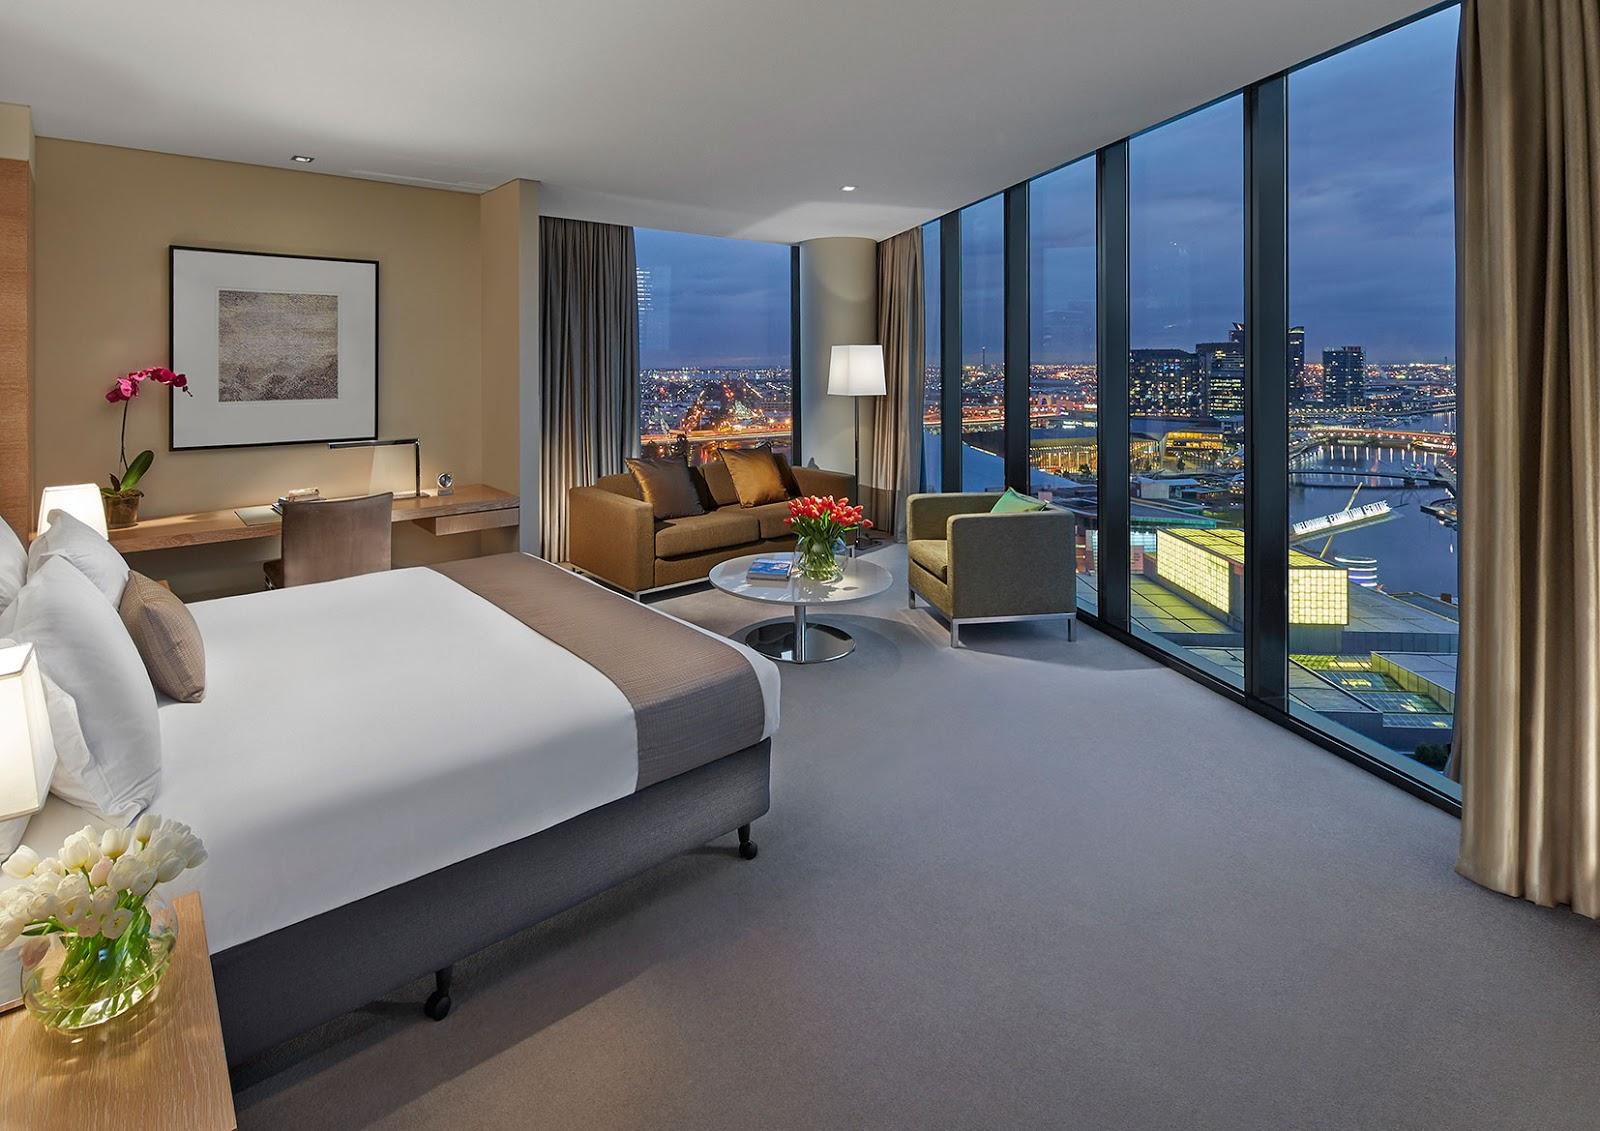 Thiết kế phòng ngủ Vincity Tây Mỗ